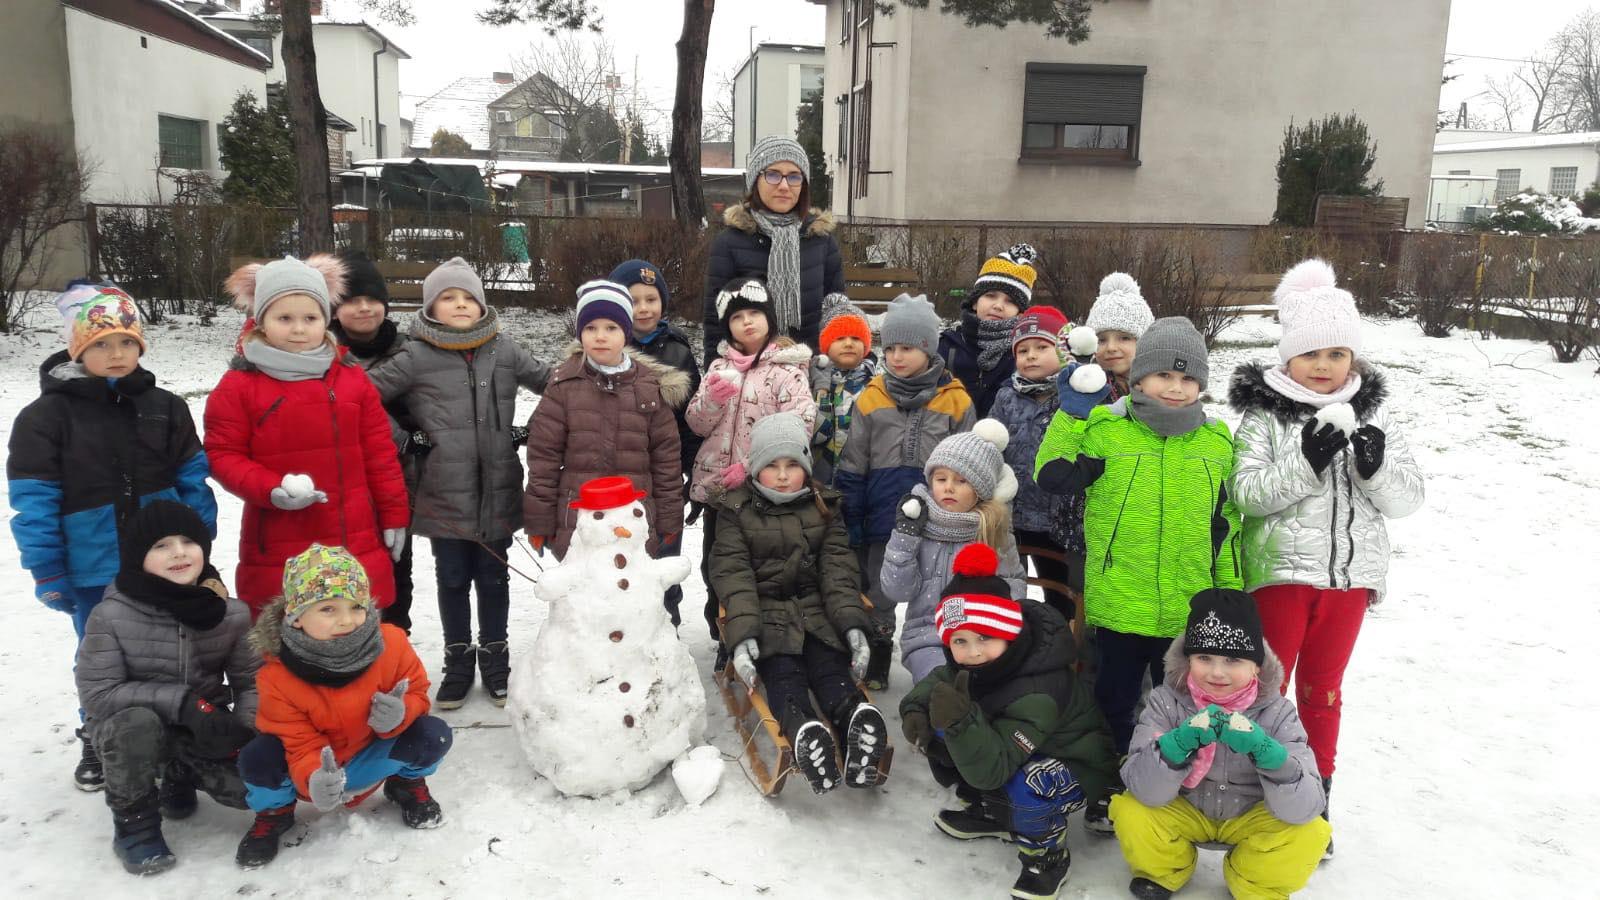 Grupa dzieci stoi na dworze z ulepionym bałwnem. Na dworze jest dużo śniegi.